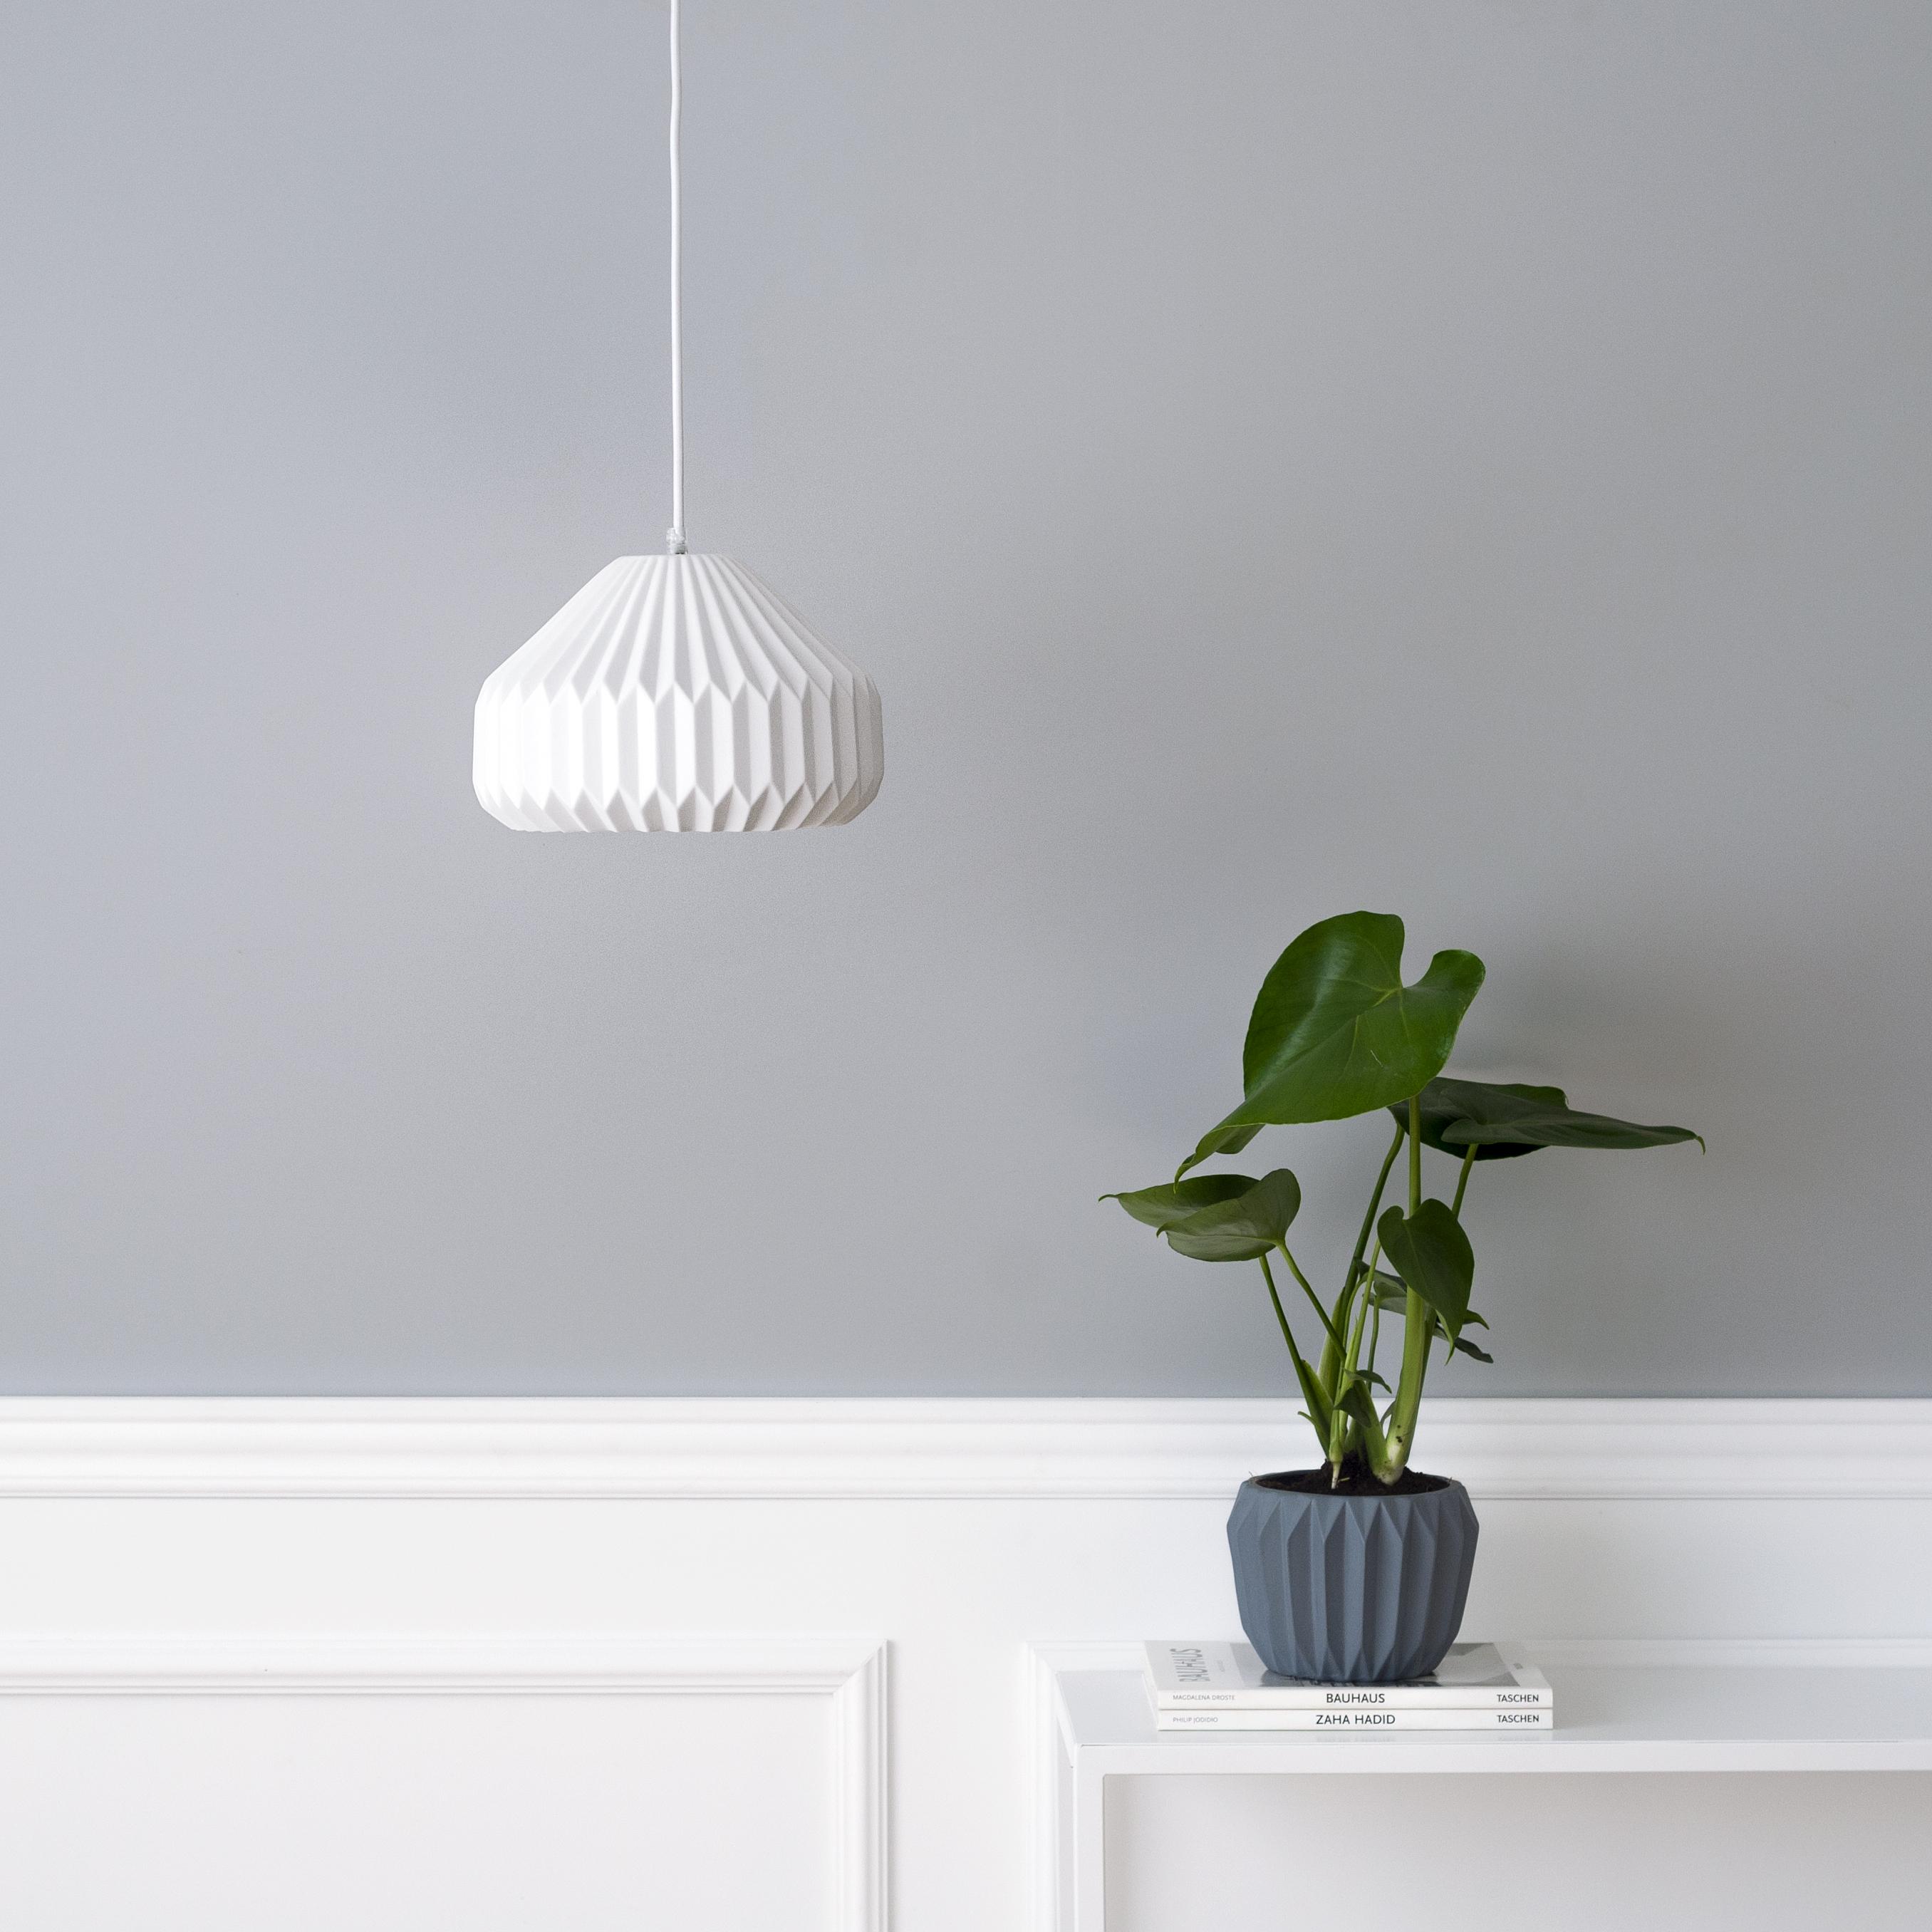 BLO-10158 Origami lámpara de techo 01